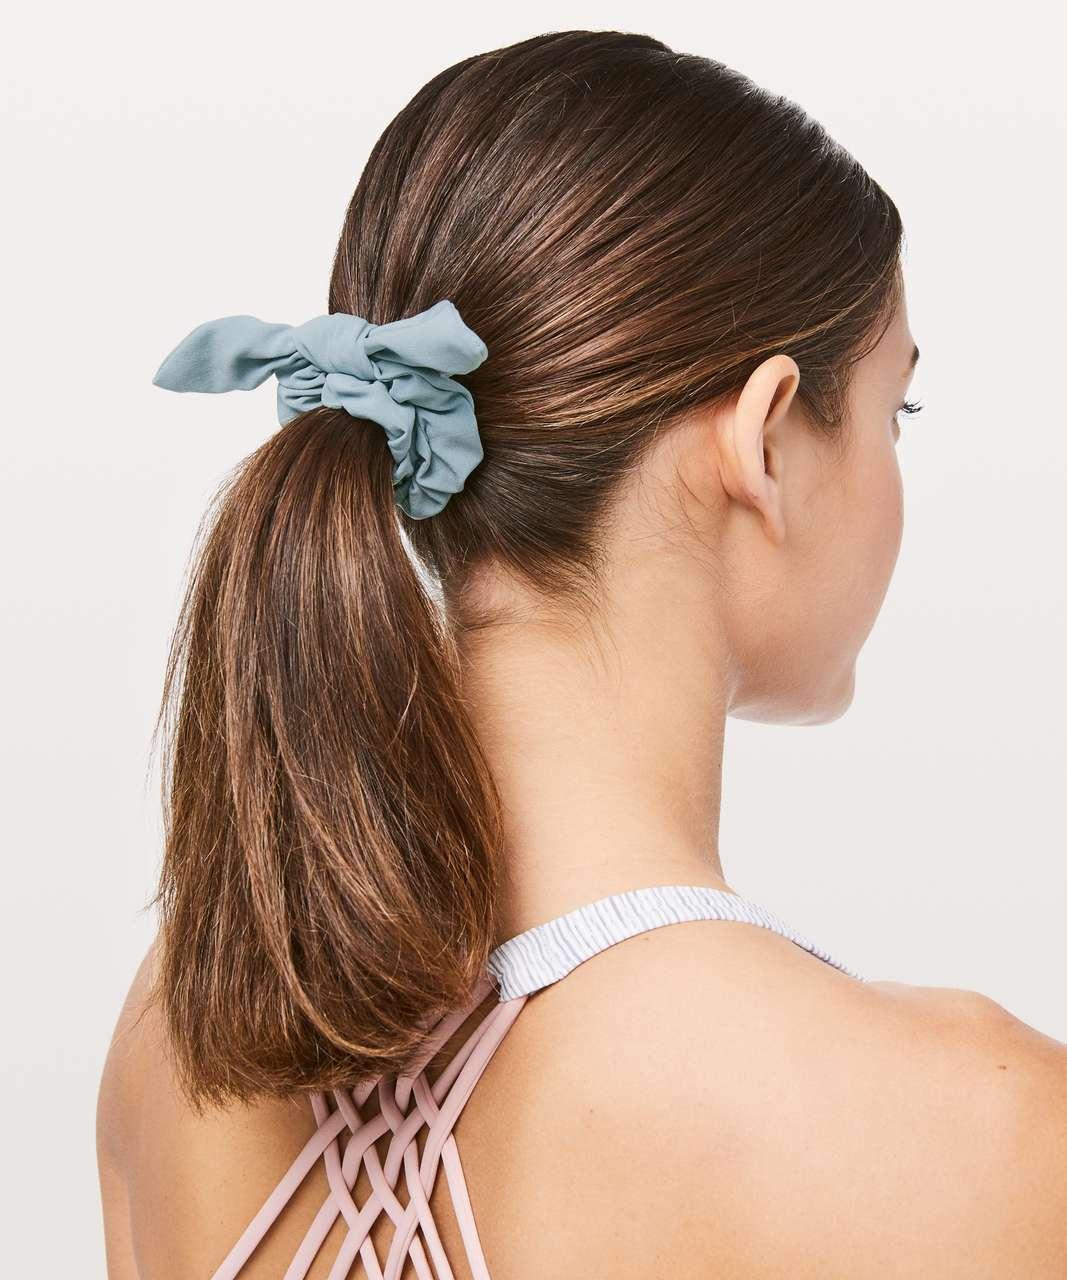 Lululemon Uplifting Scrunchie *Bow - Blue Cast